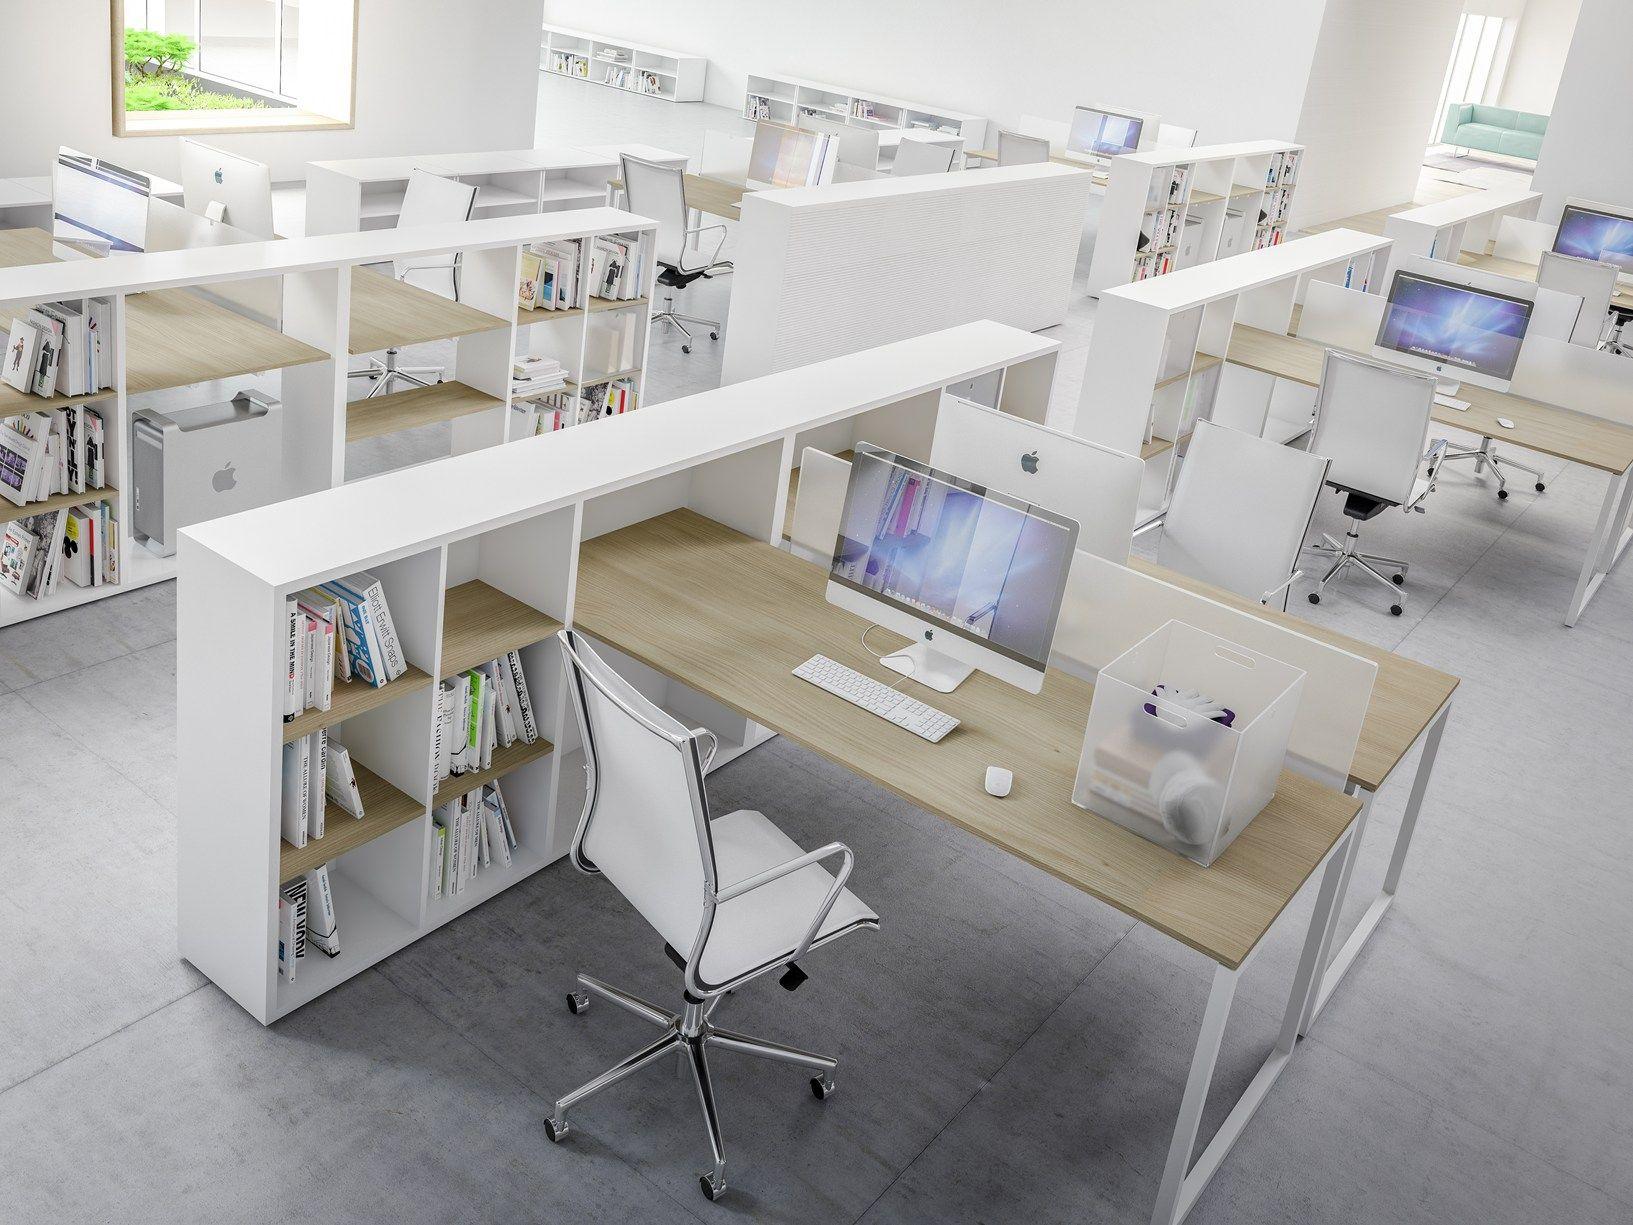 Fantoni Mobili Per Ufficio.Presentato Ad Orgatec L Ufficio Secondo Fantoni Nuovi